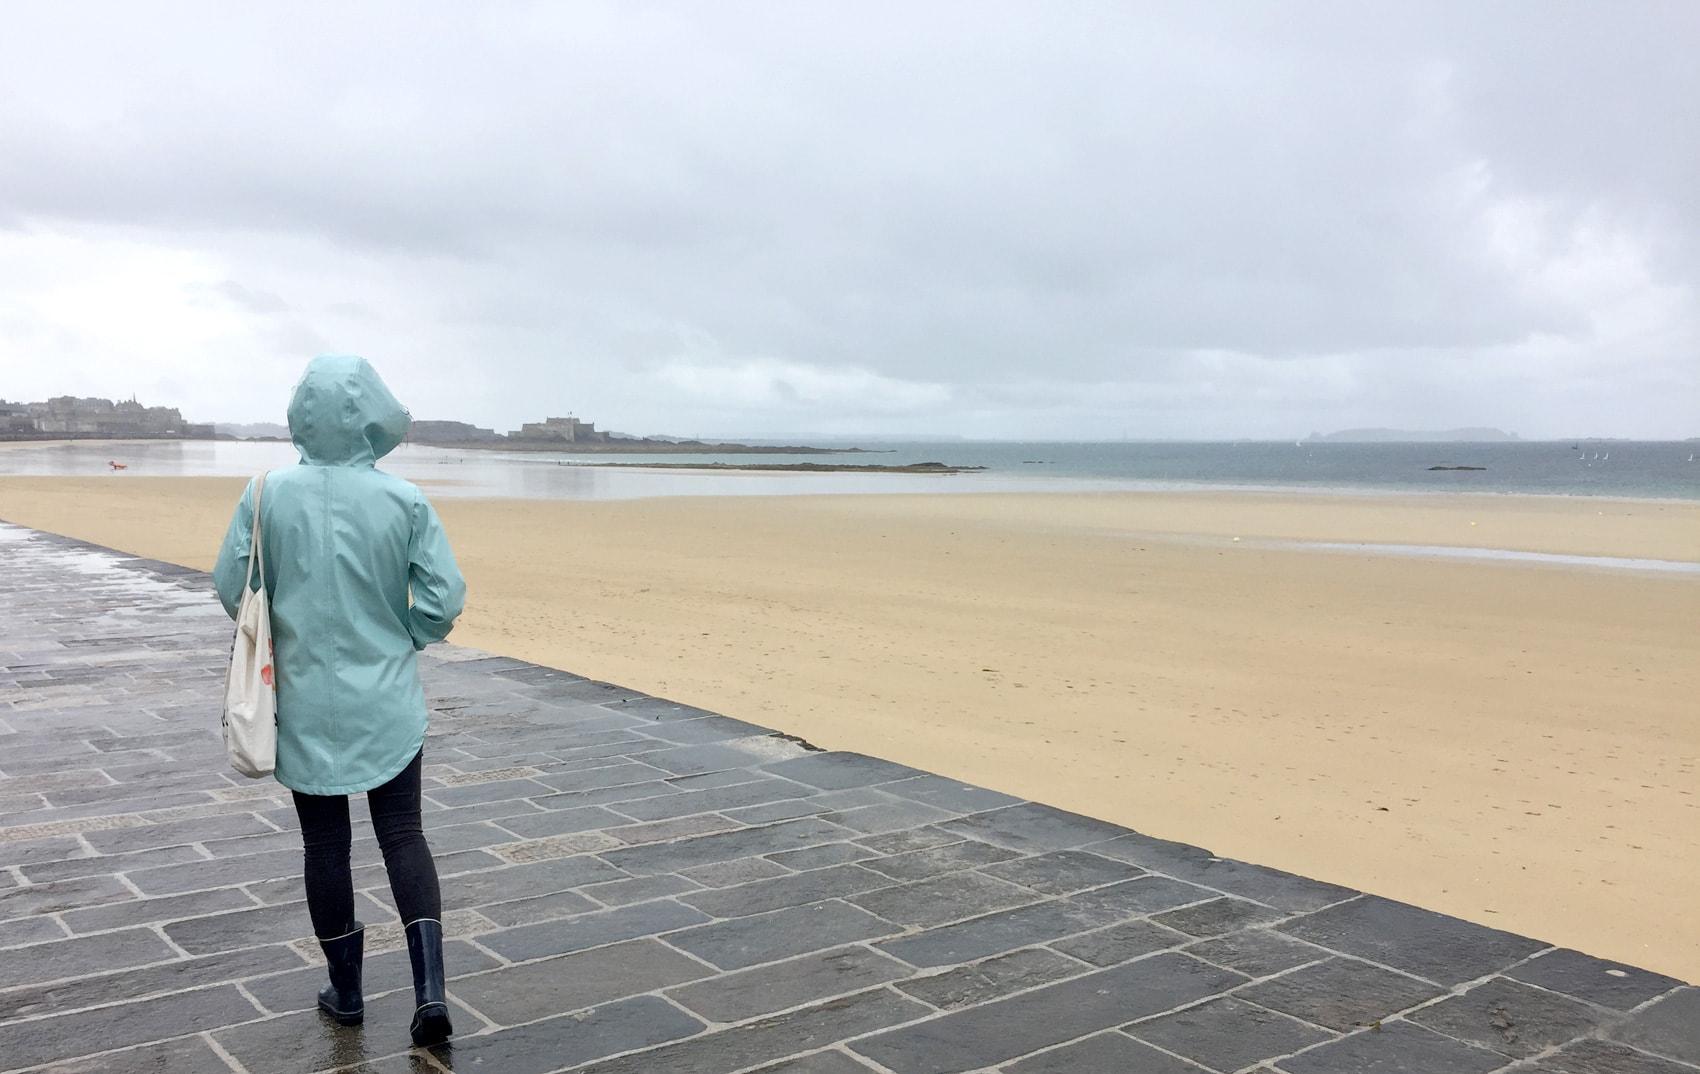 Saint-Malo sous l'eau ! Vacances pluvieuses en Bretagne